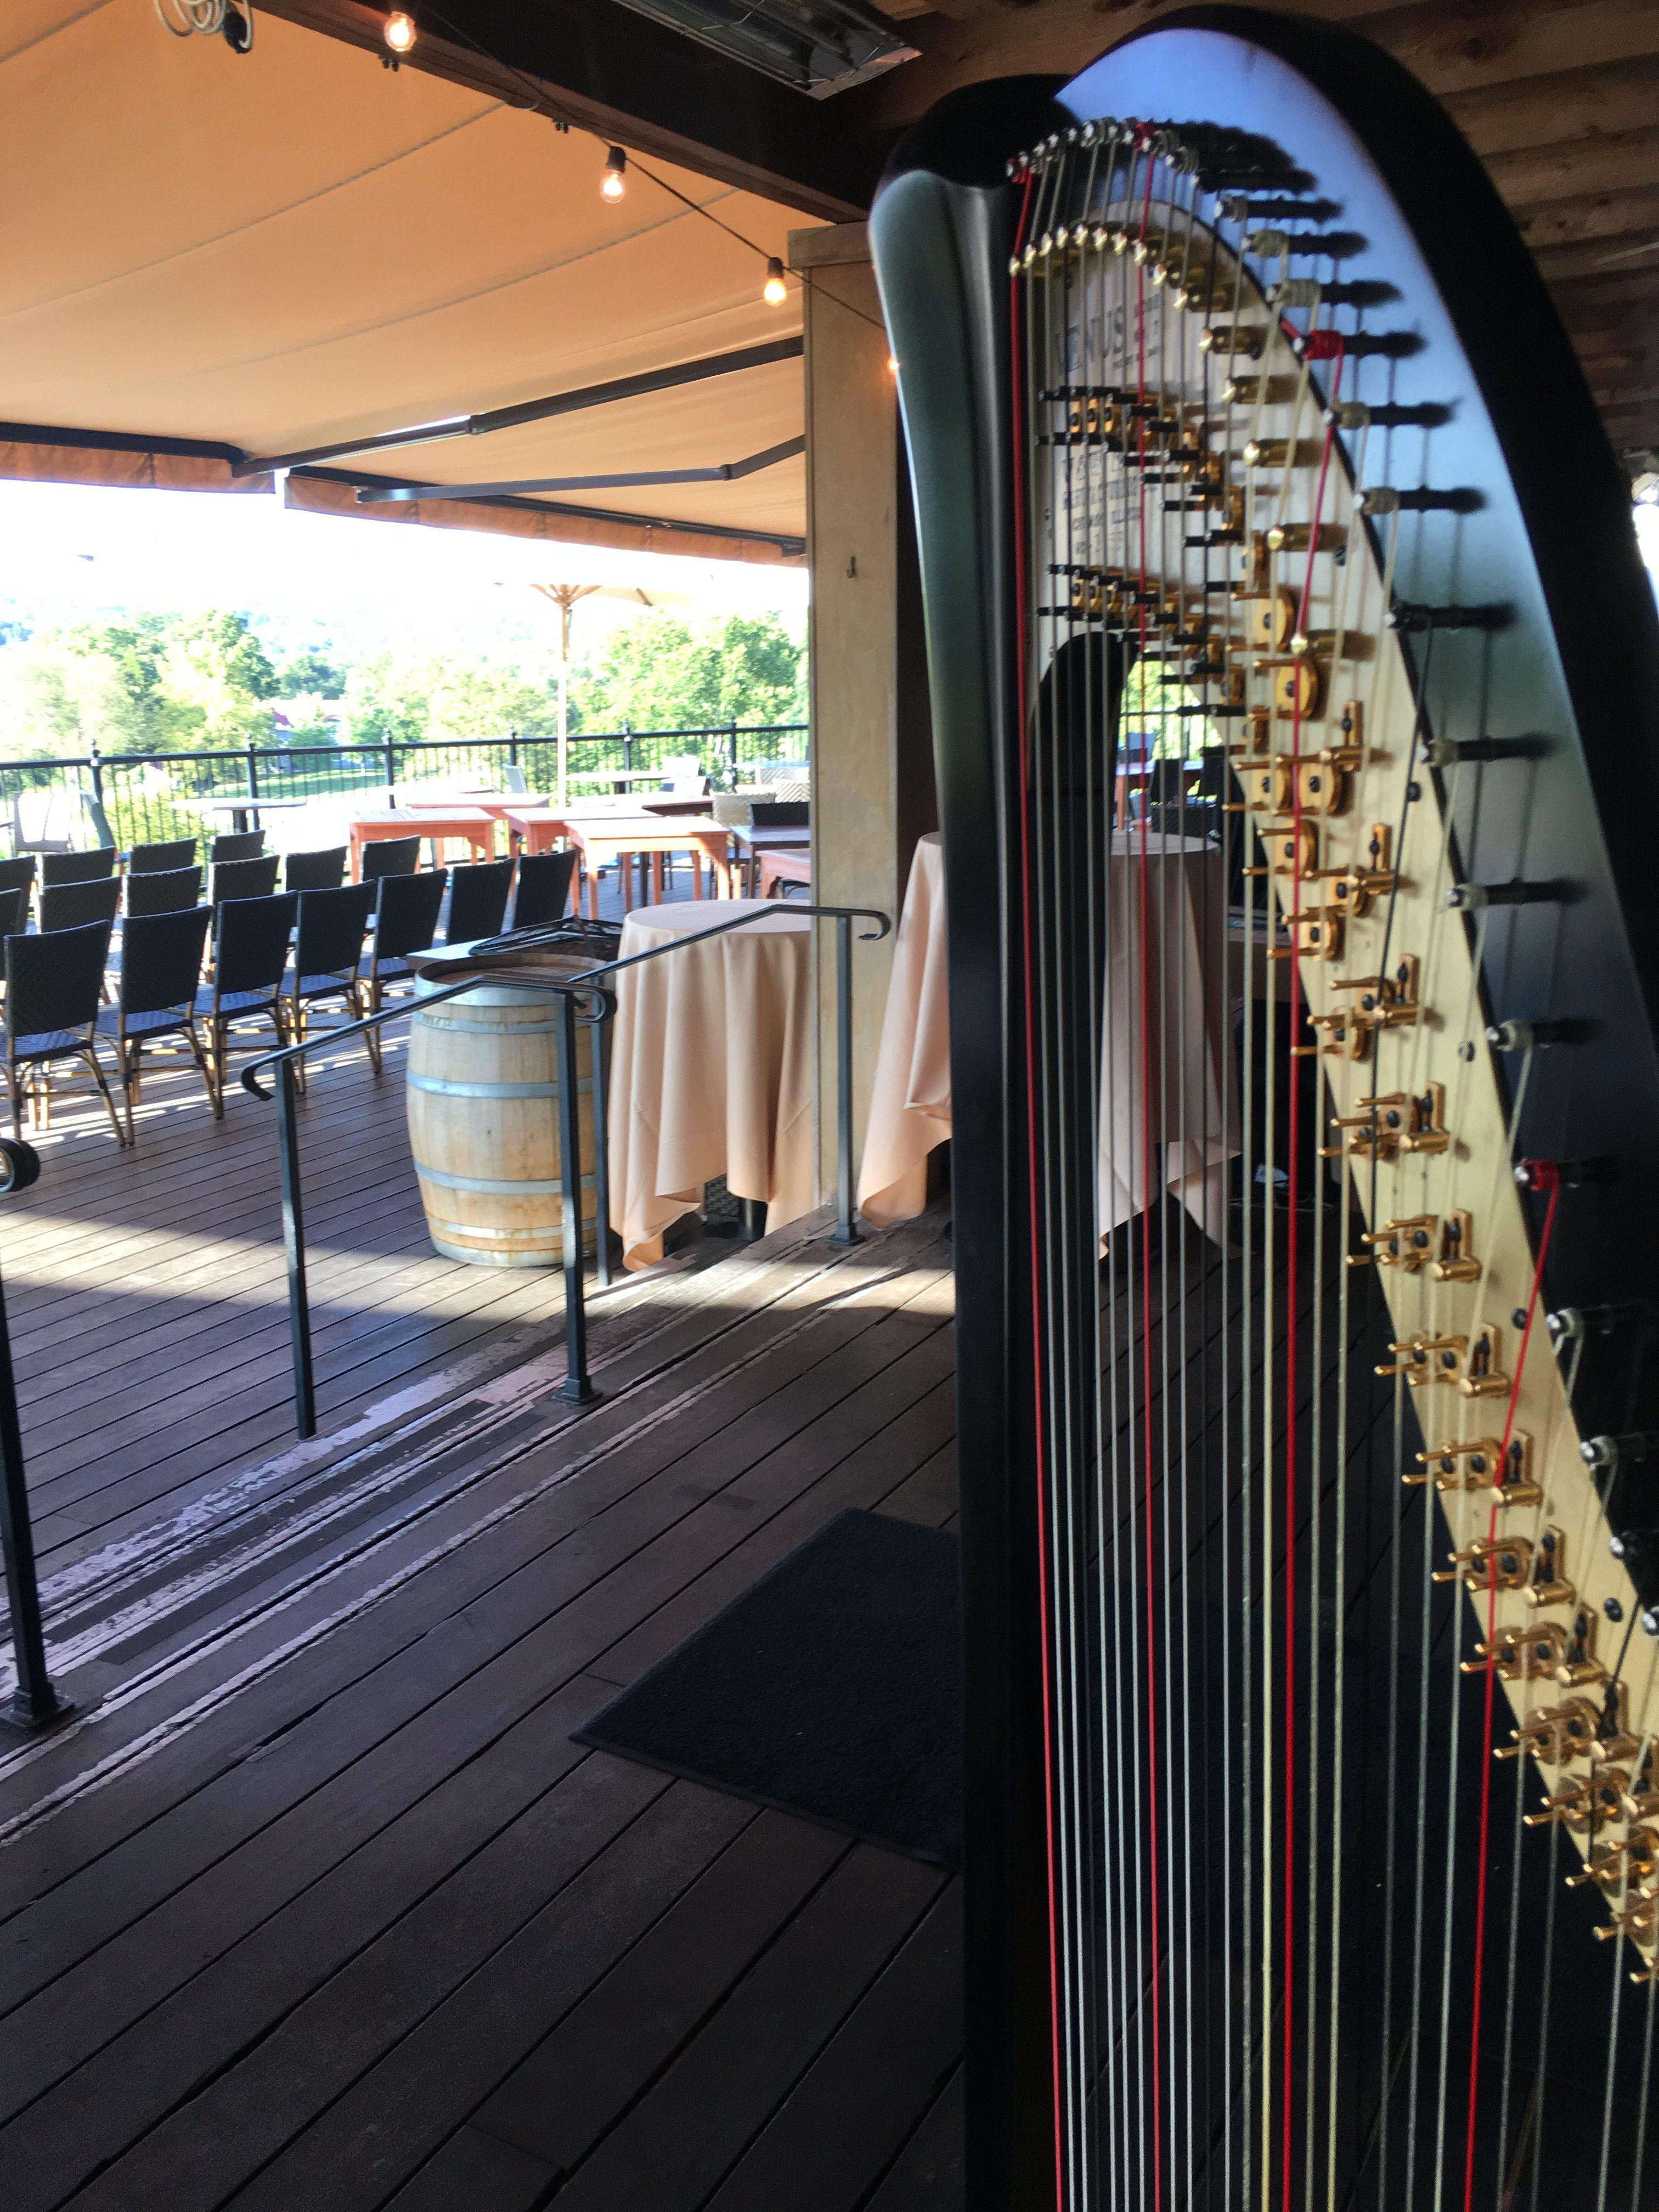 Harpist in St. Louis